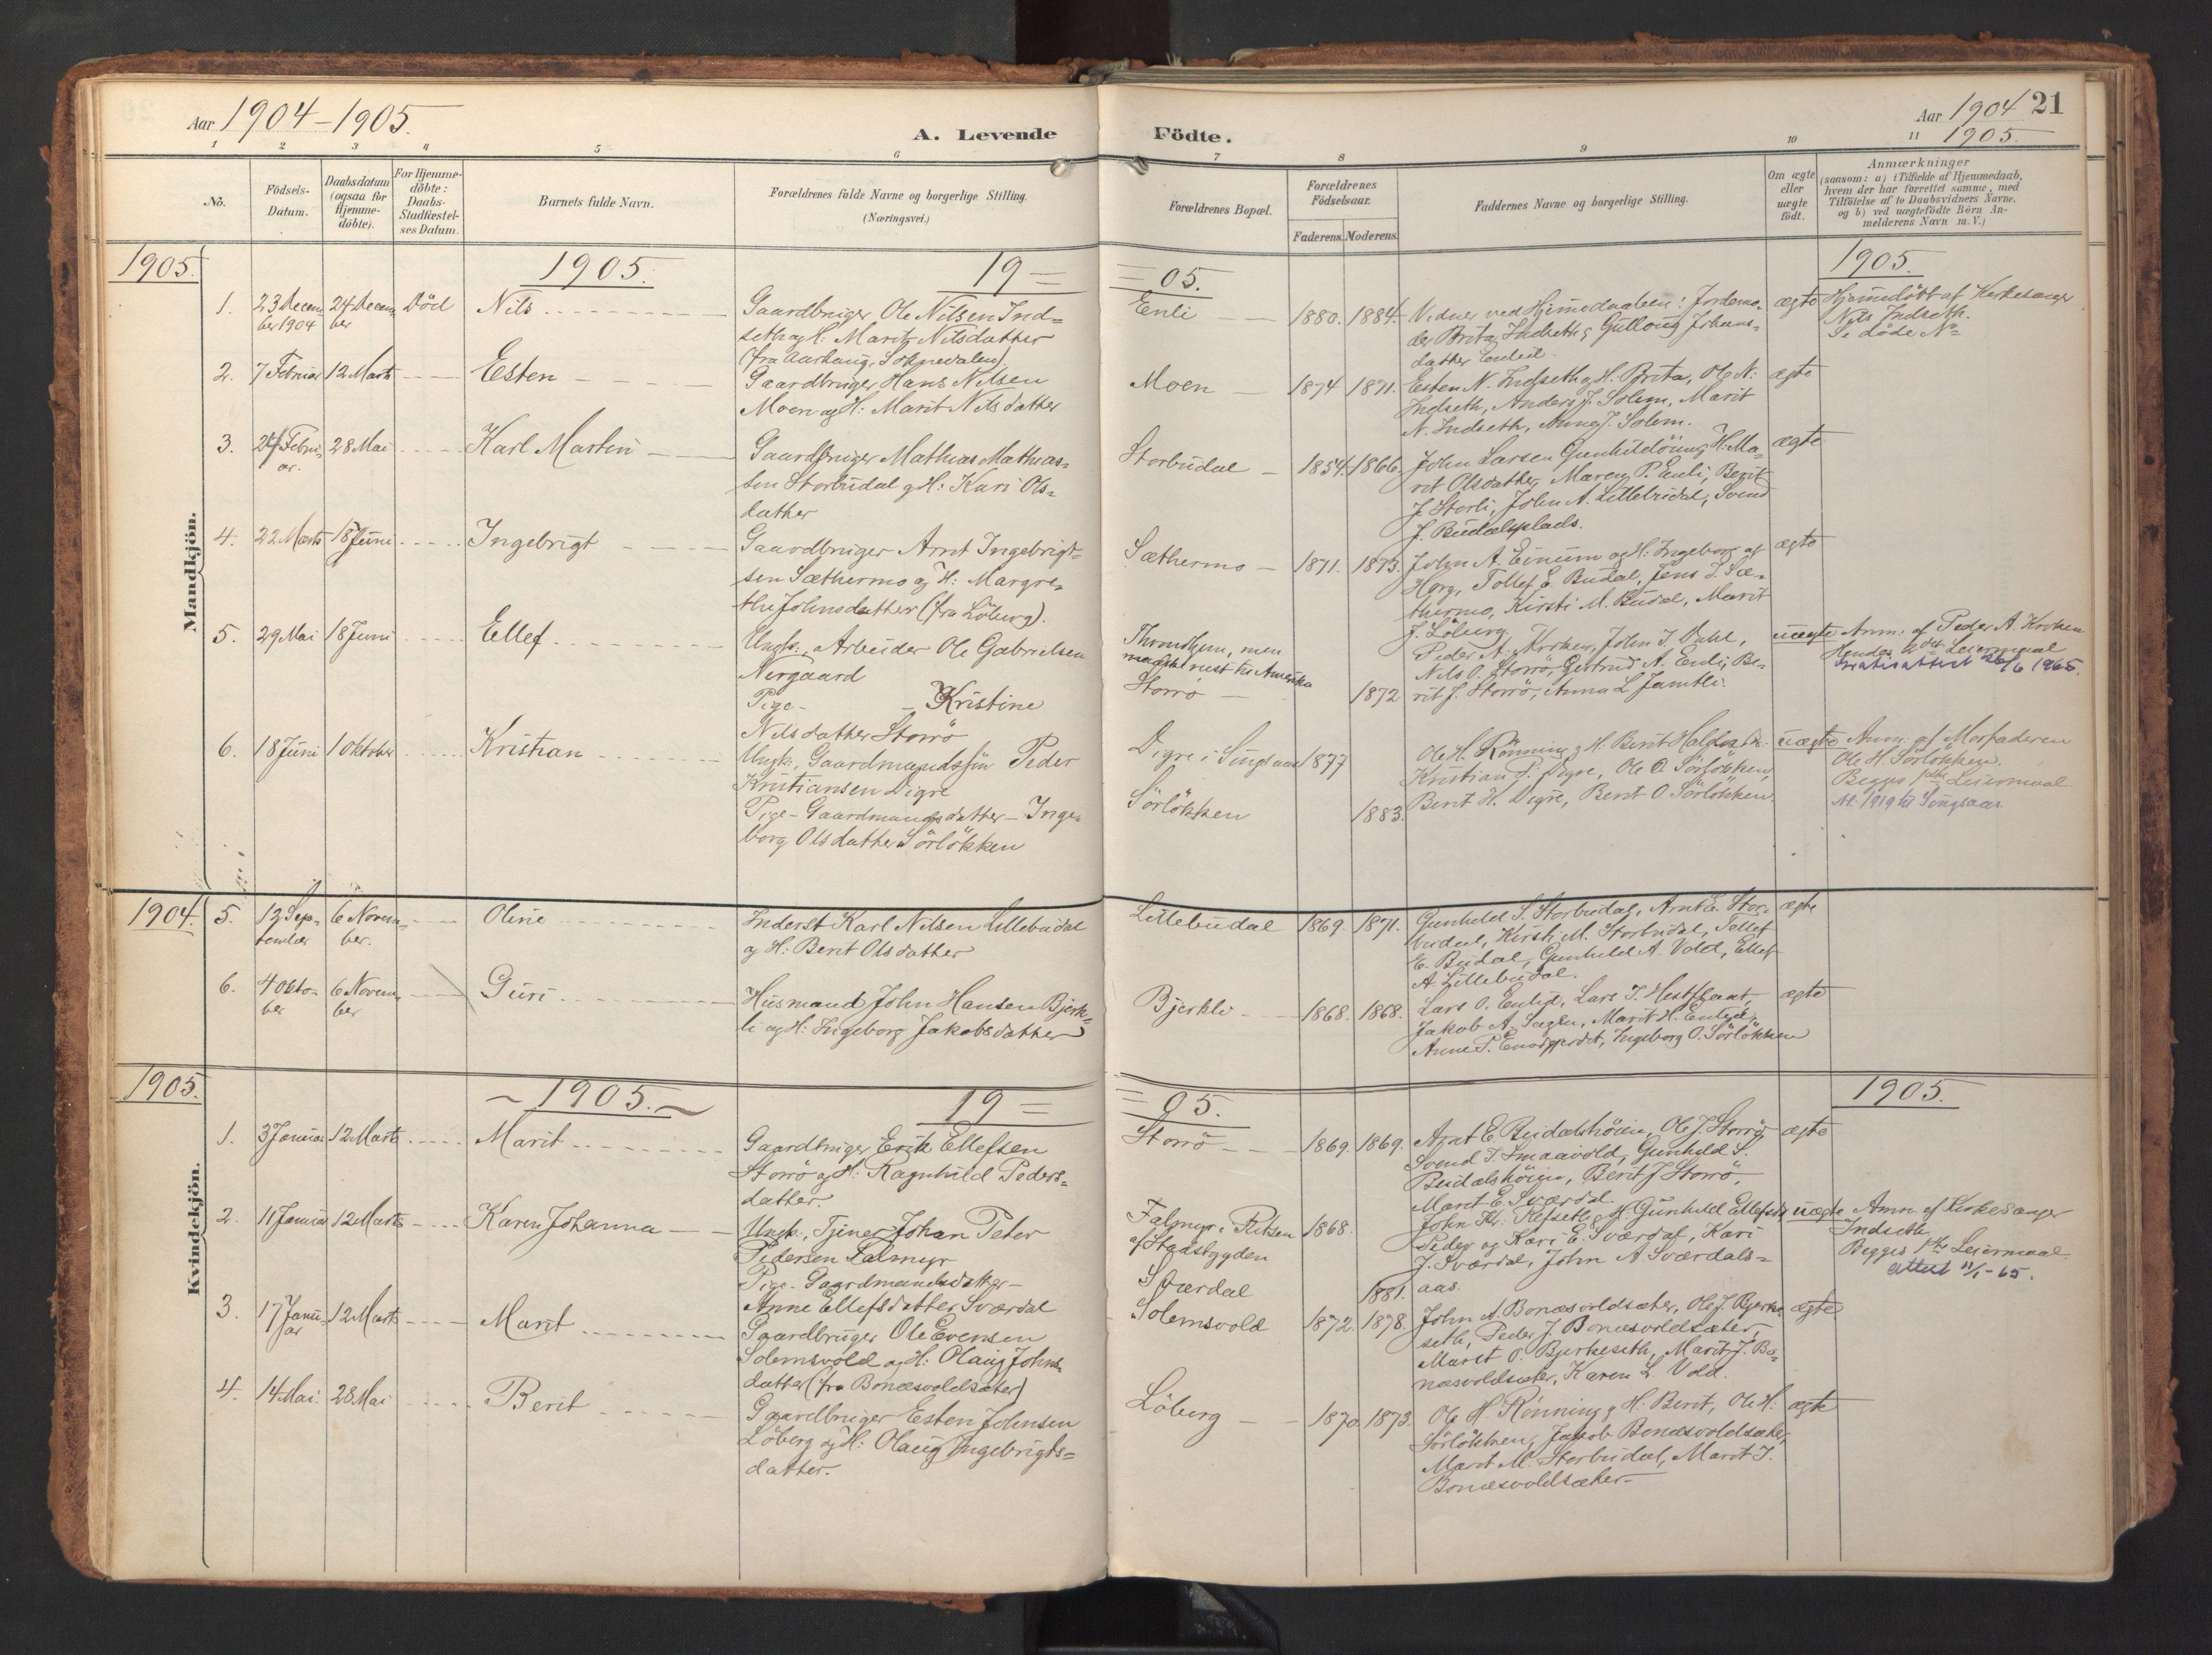 SAT, Ministerialprotokoller, klokkerbøker og fødselsregistre - Sør-Trøndelag, 690/L1050: Ministerialbok nr. 690A01, 1889-1929, s. 21